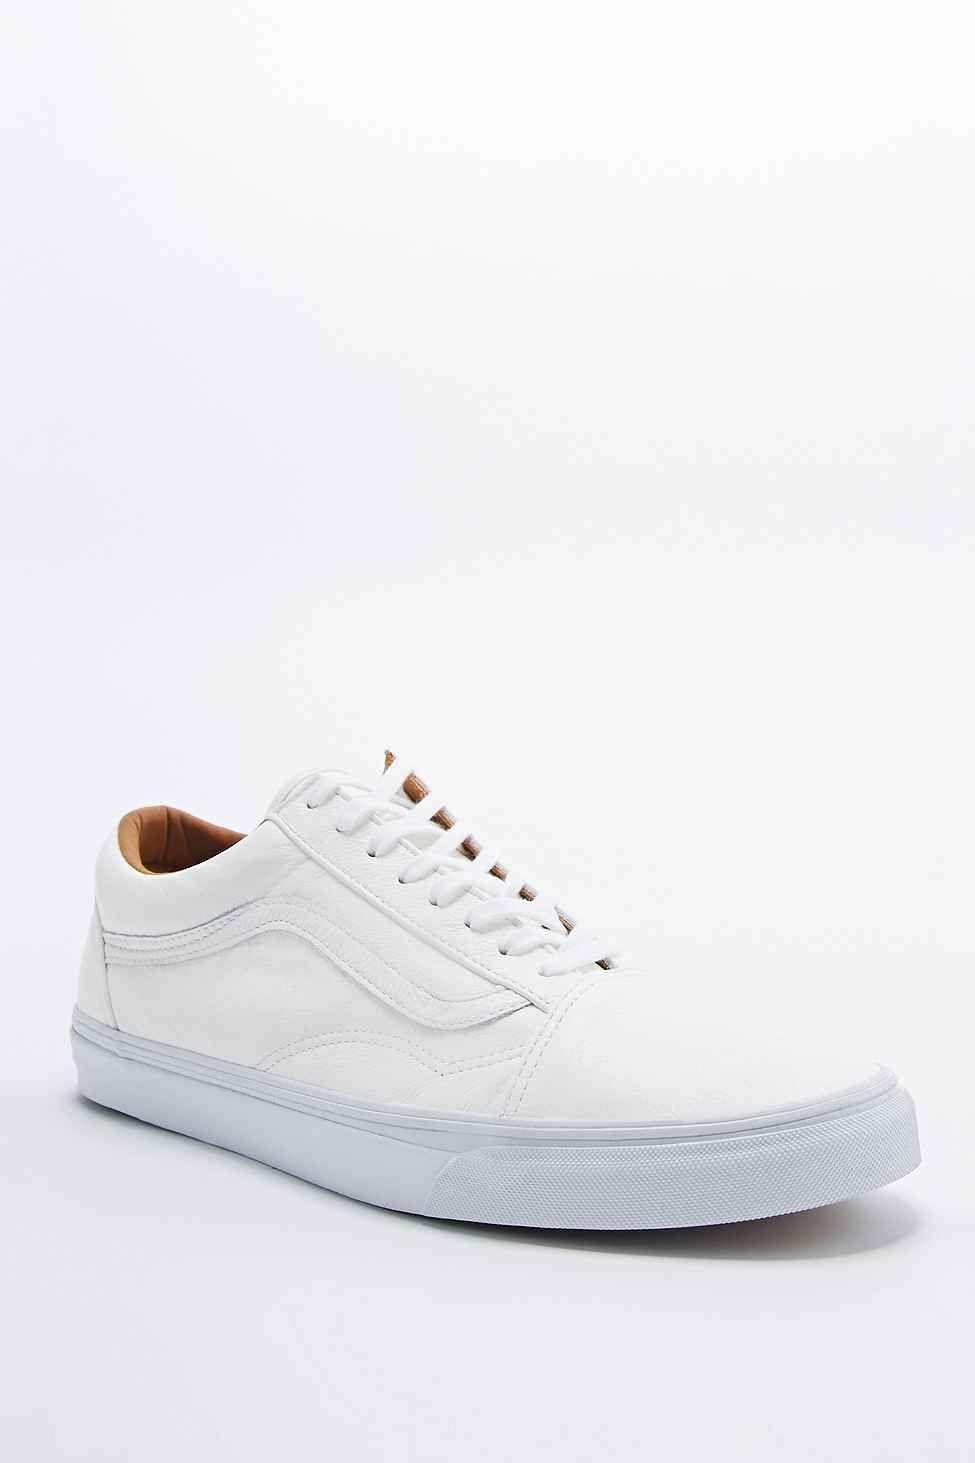 aa69ca5938 Vans Unisex Authentic Van Doren Poinsettia Classic White Skate Shoes by Vans